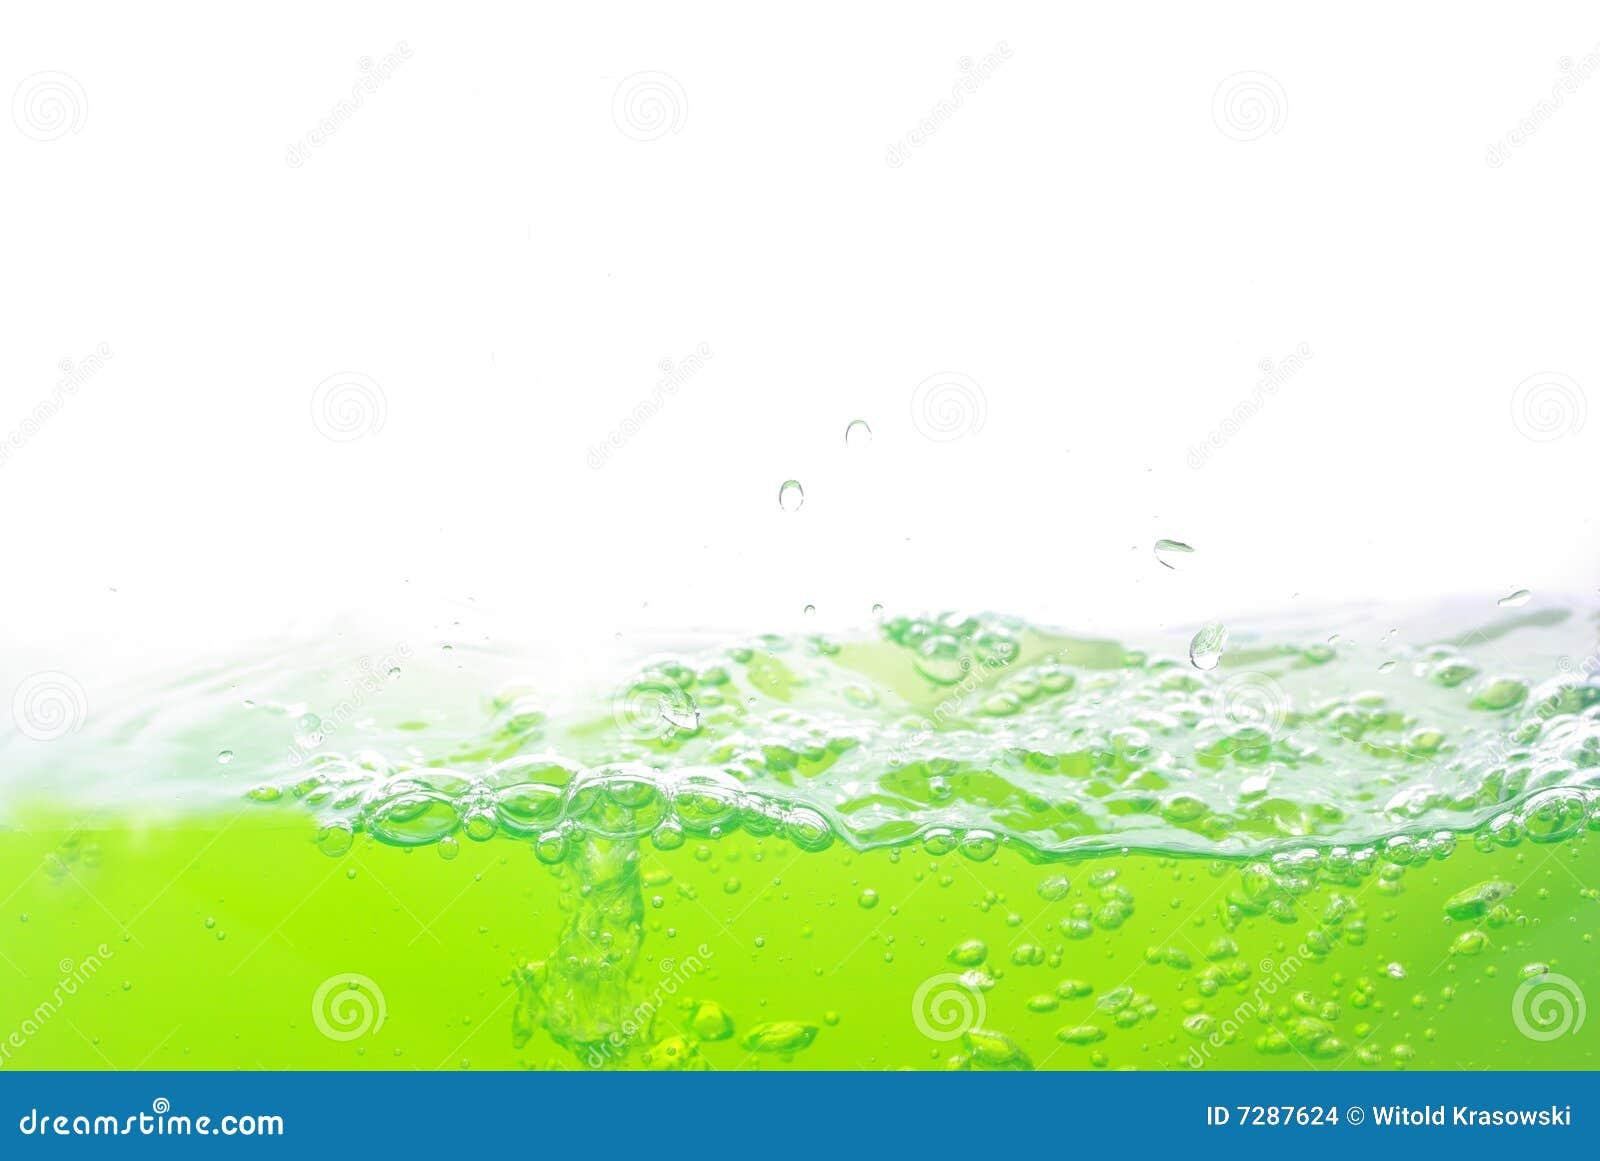 Burbujas en agua